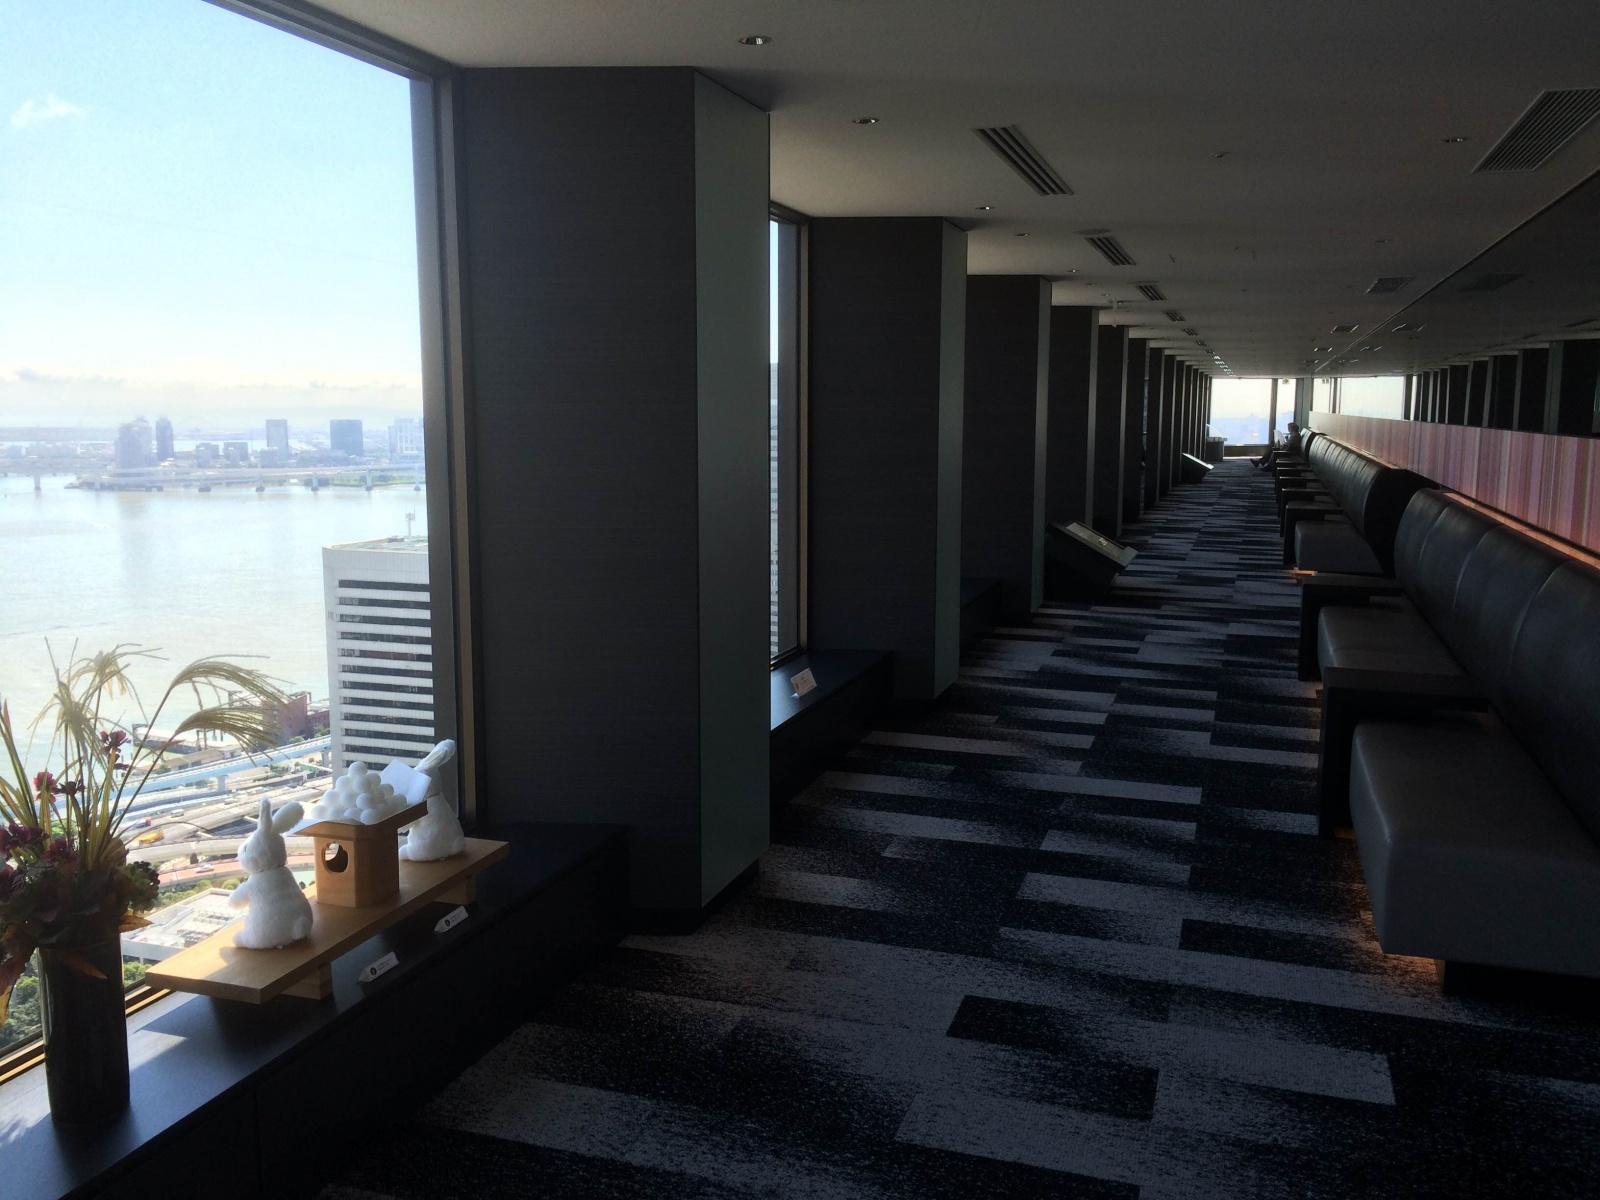 世界貿易センタビルの展望台で